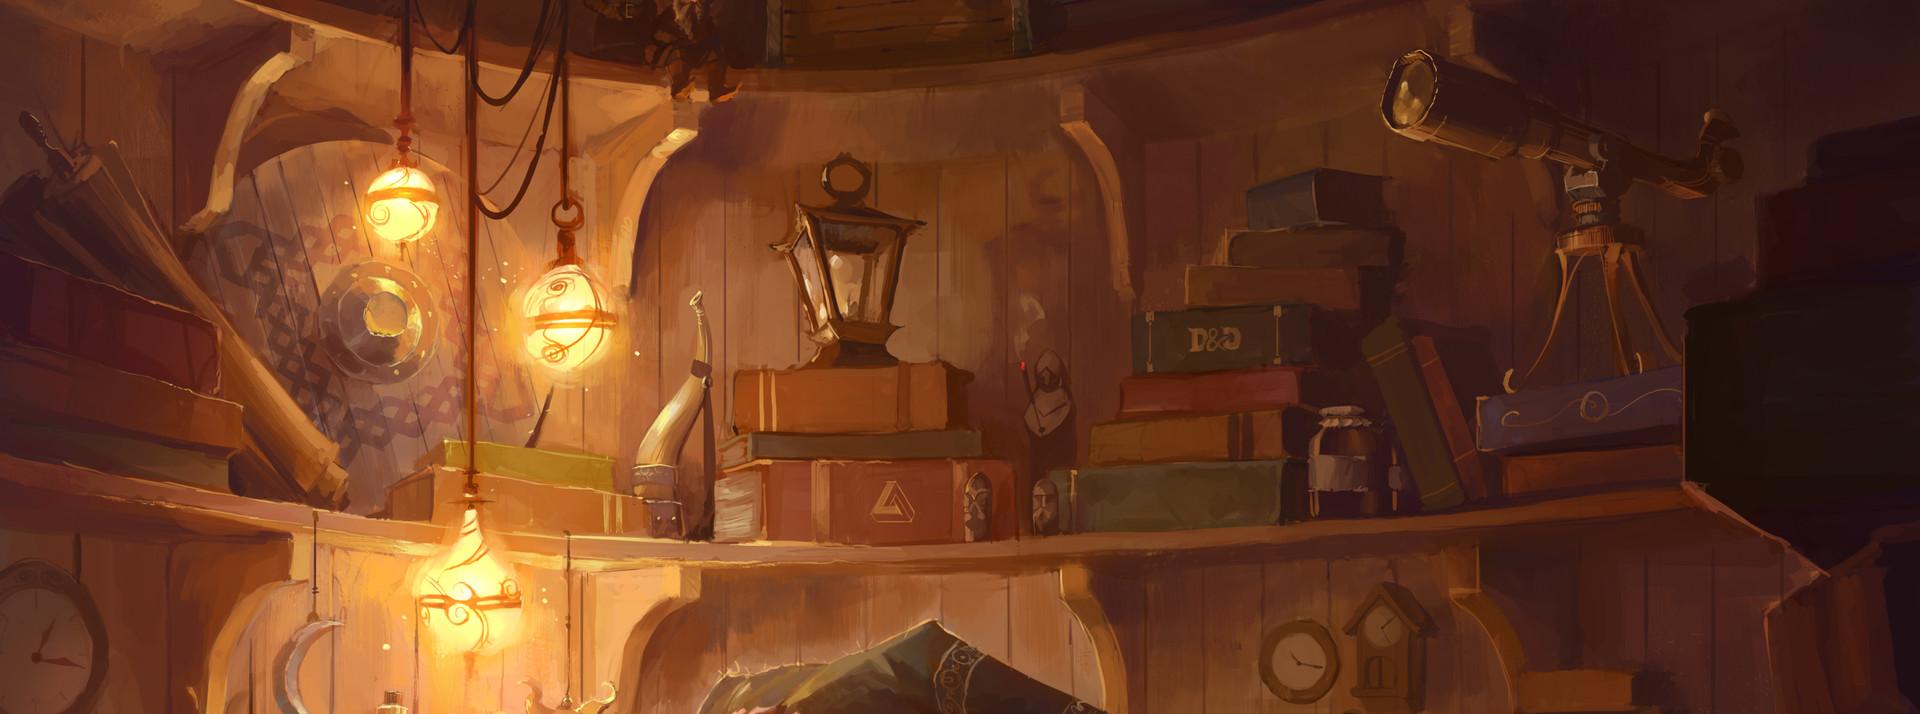 Pedro kruger garcia mind library close up3